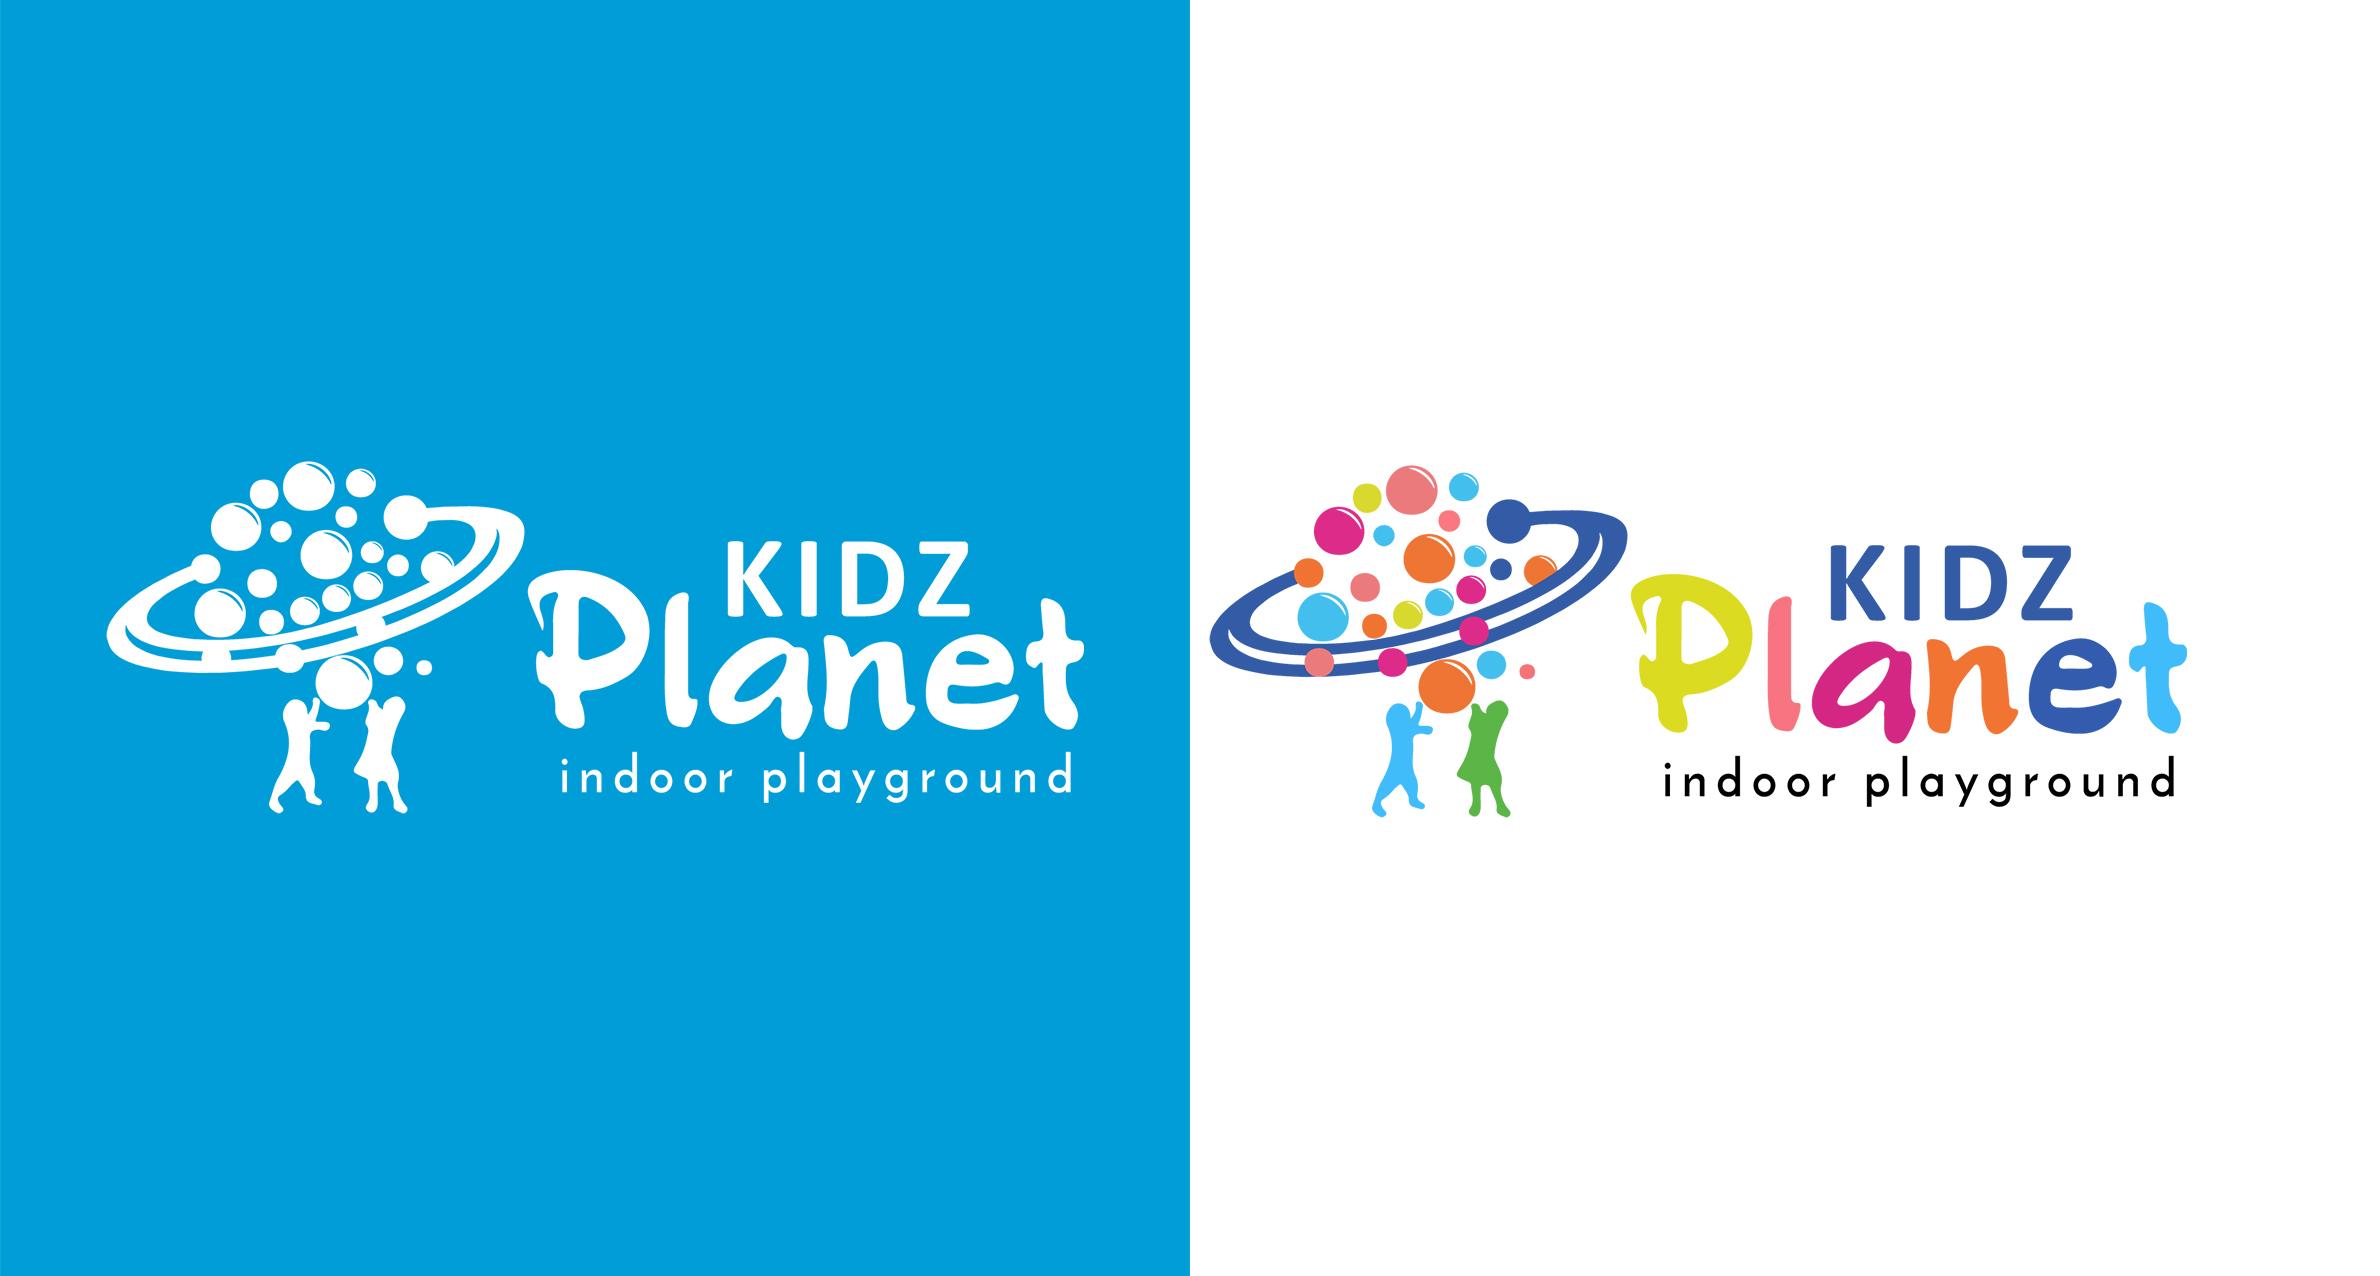 Kidz Planet Logos